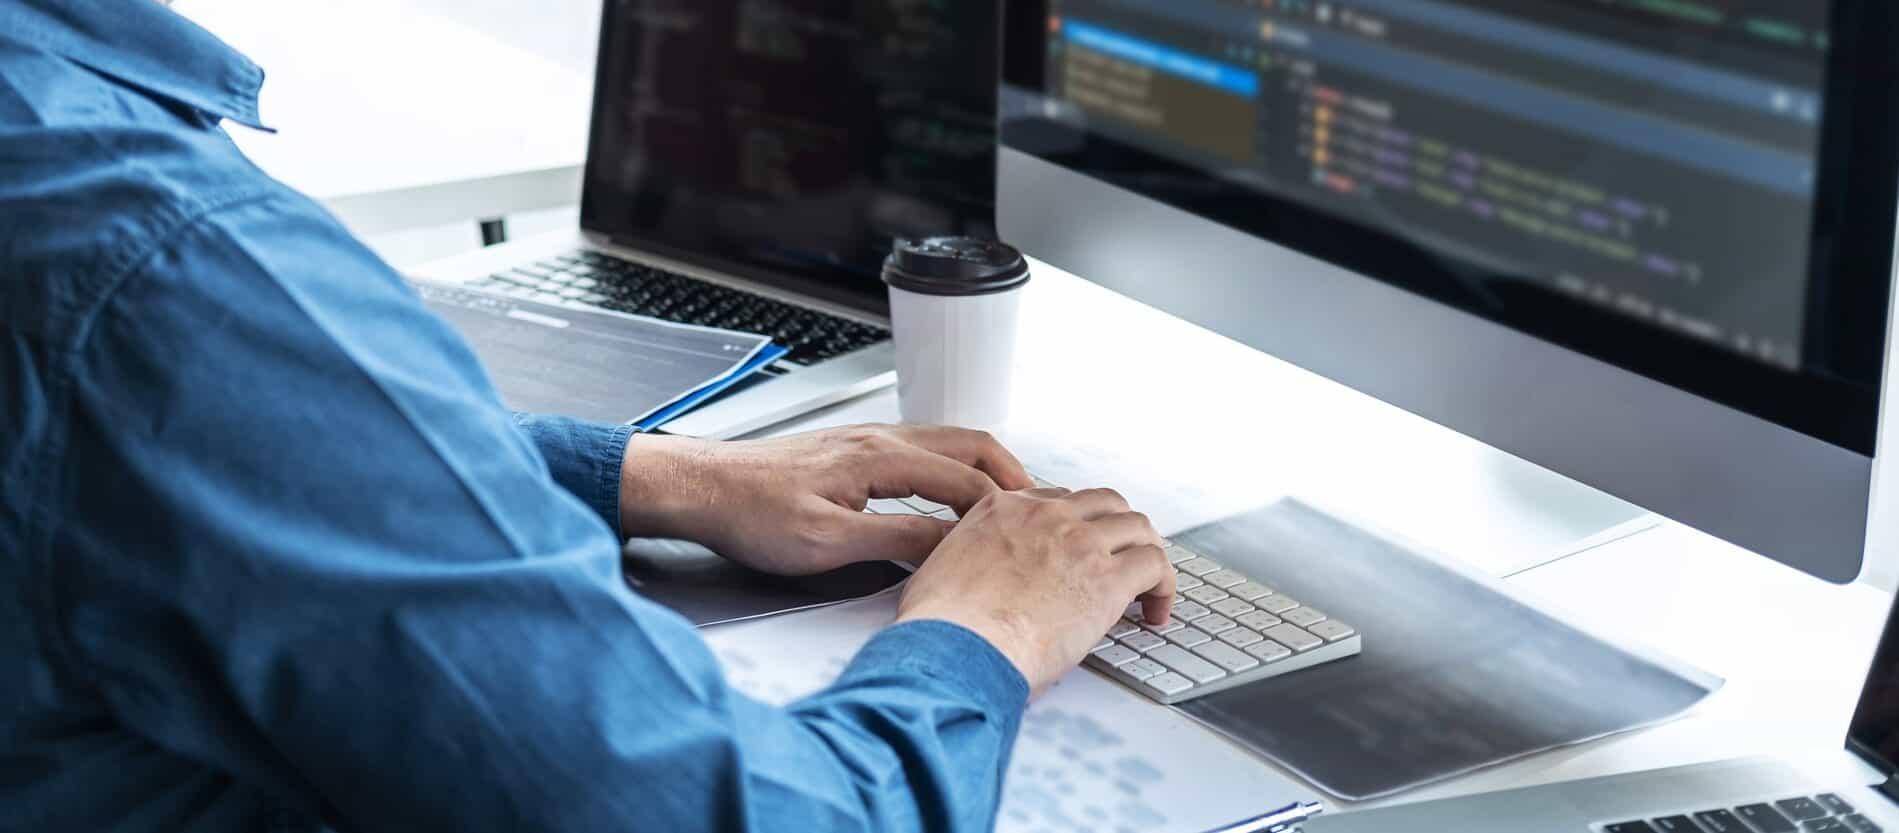 Gehalt von Informatikern und Grund für Fachkräftemangel